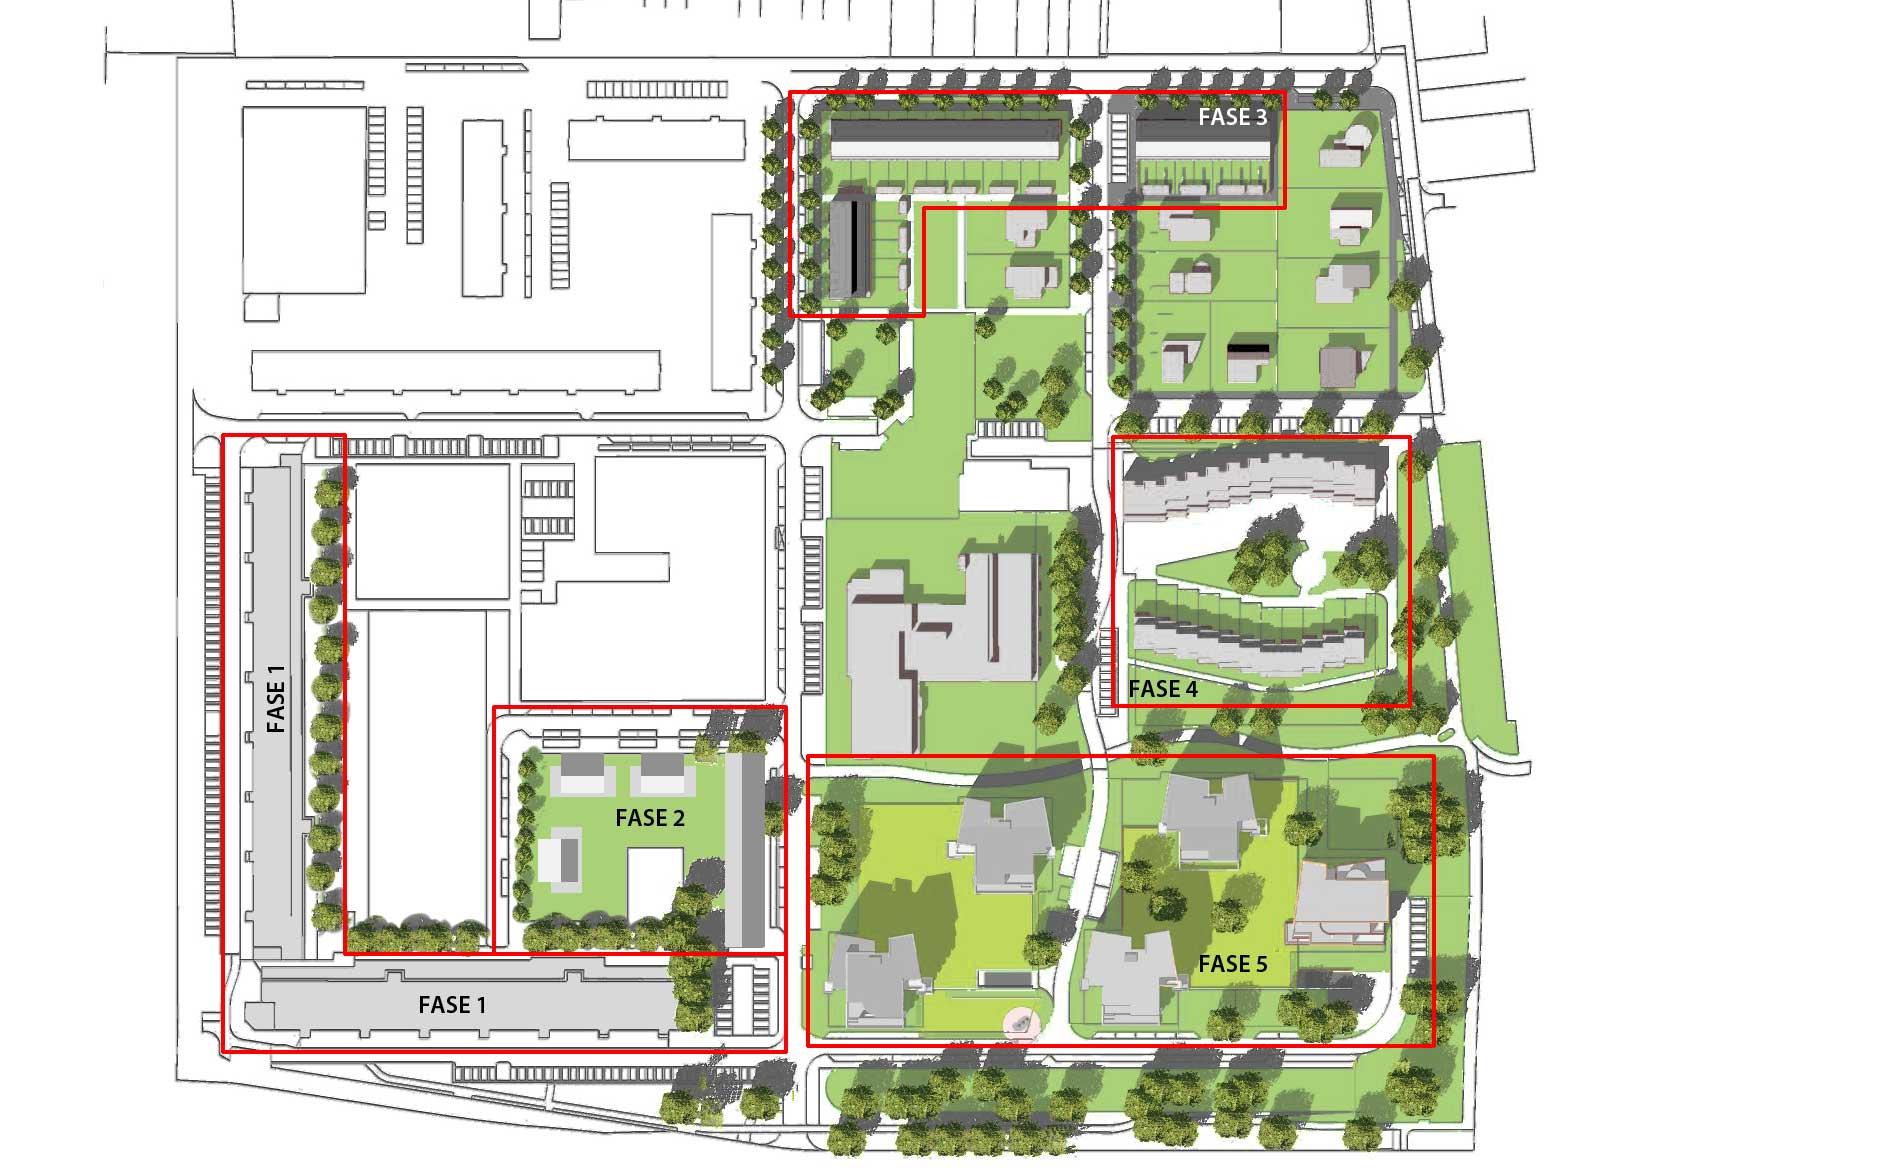 Meerestein Beverwijk stedenbouw herstructurering stadsvernieuwing architectuur appartementen eengezinswoningen BBHD architecten